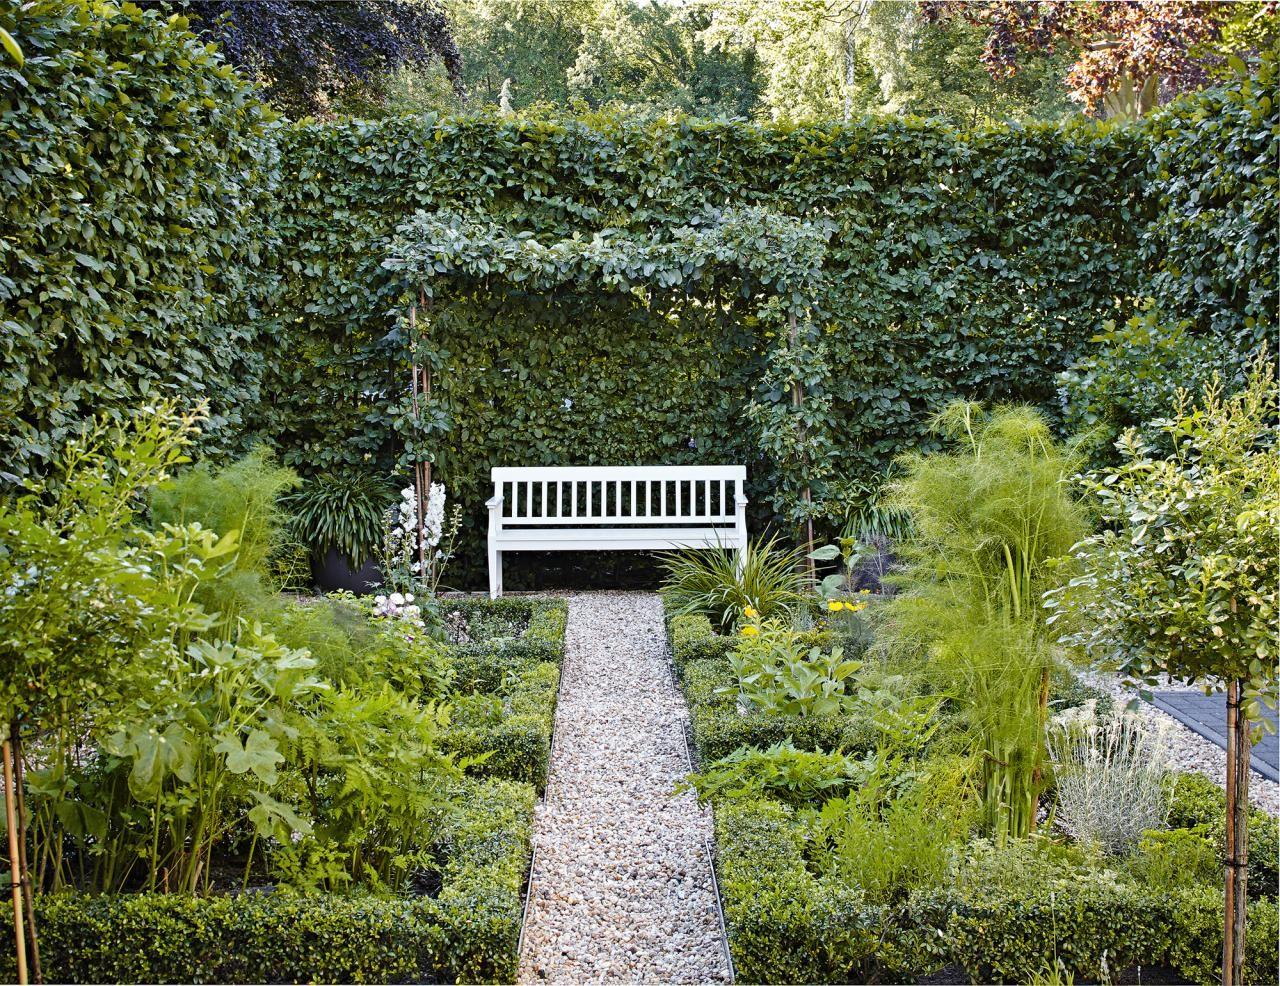 Kleine Garten Gestalten Gartenplanung Auf Wenig Raum Garten Gestalten Gartenplanung Garten